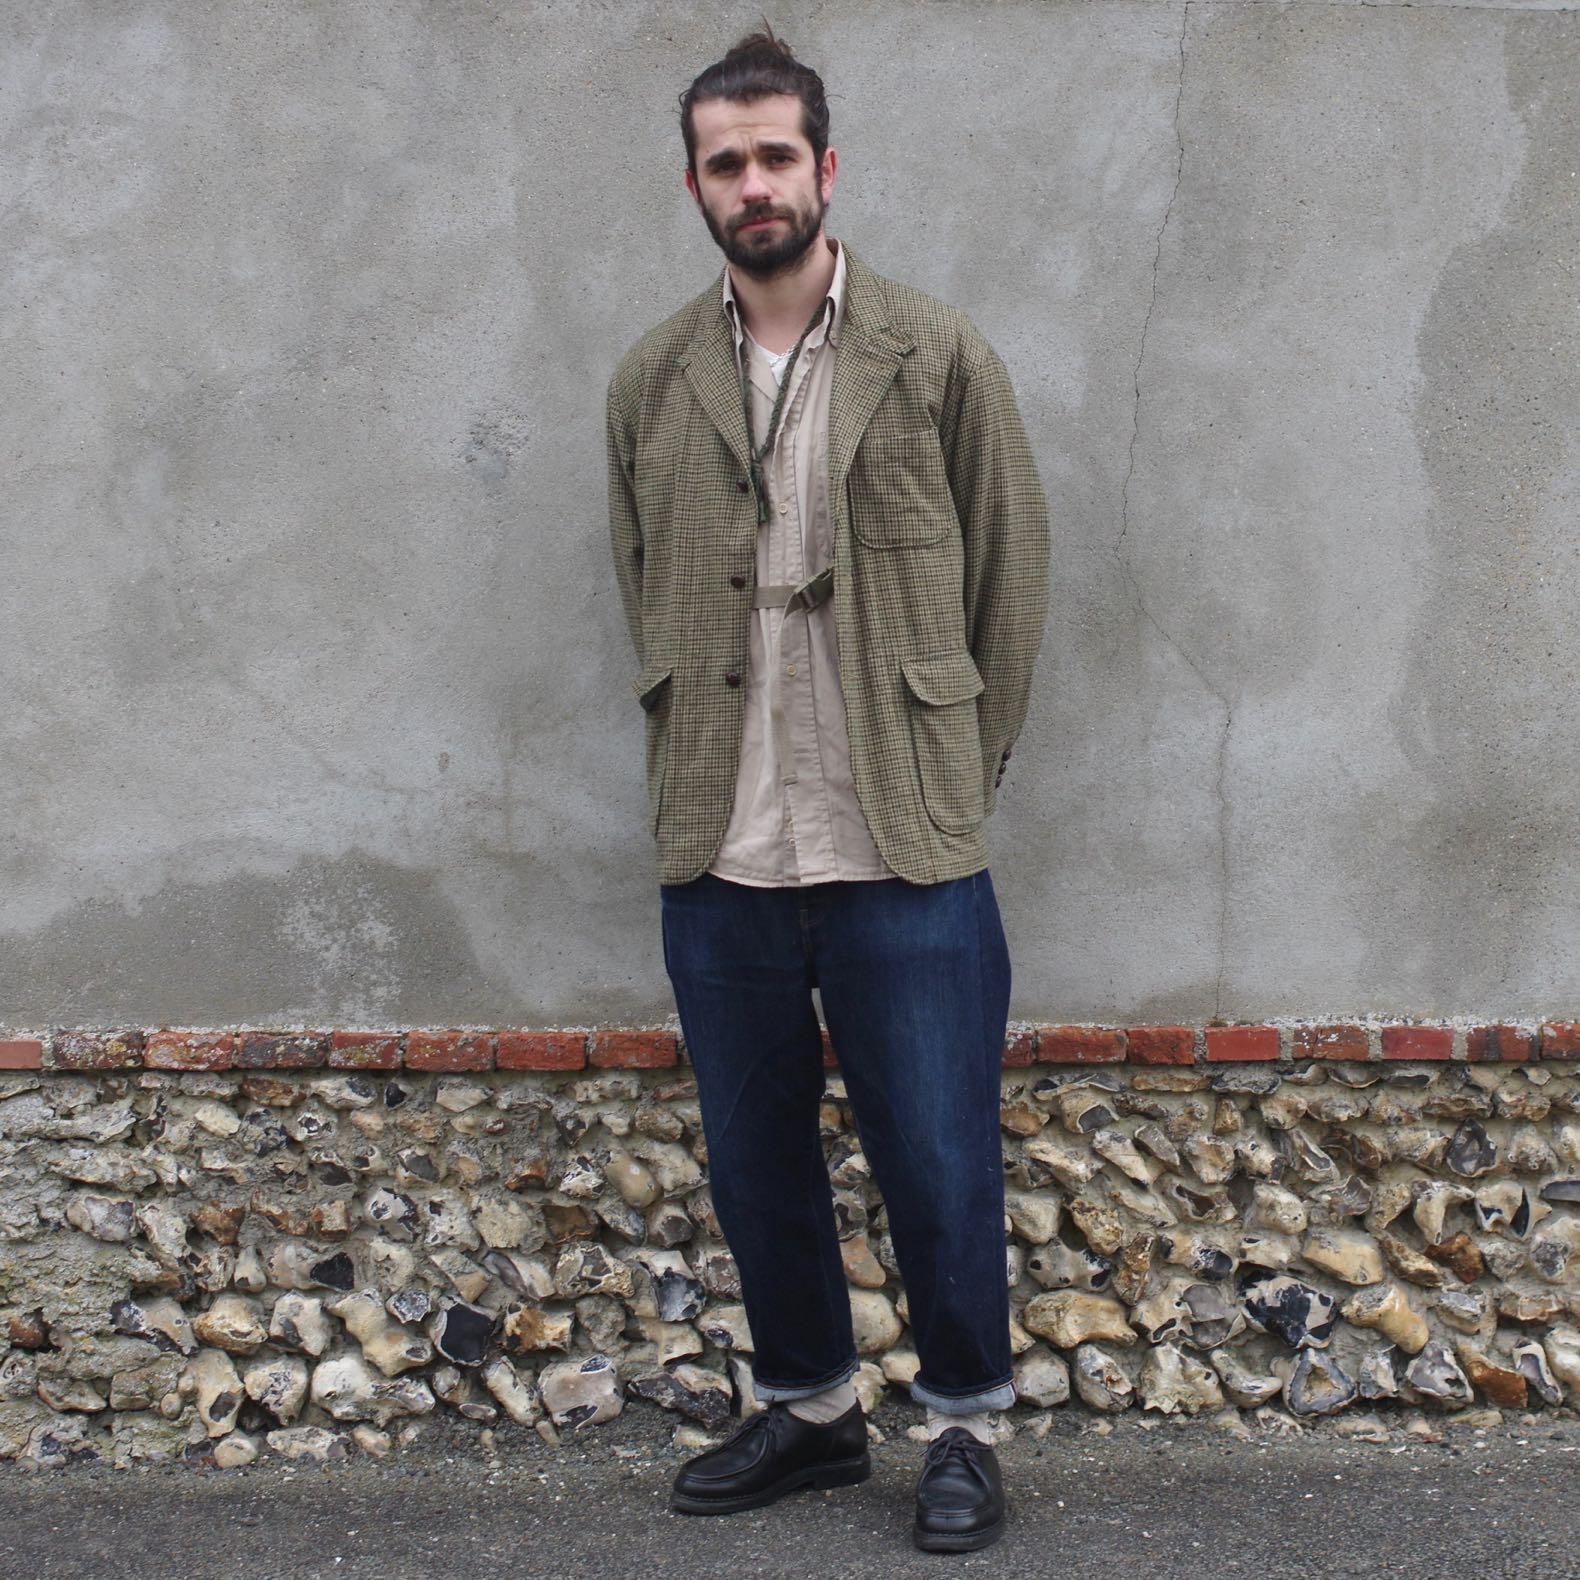 tenue-homme-veste-pied-de-poule-et-jean-brut-japonais-large-avec-paraboot-michael-noire